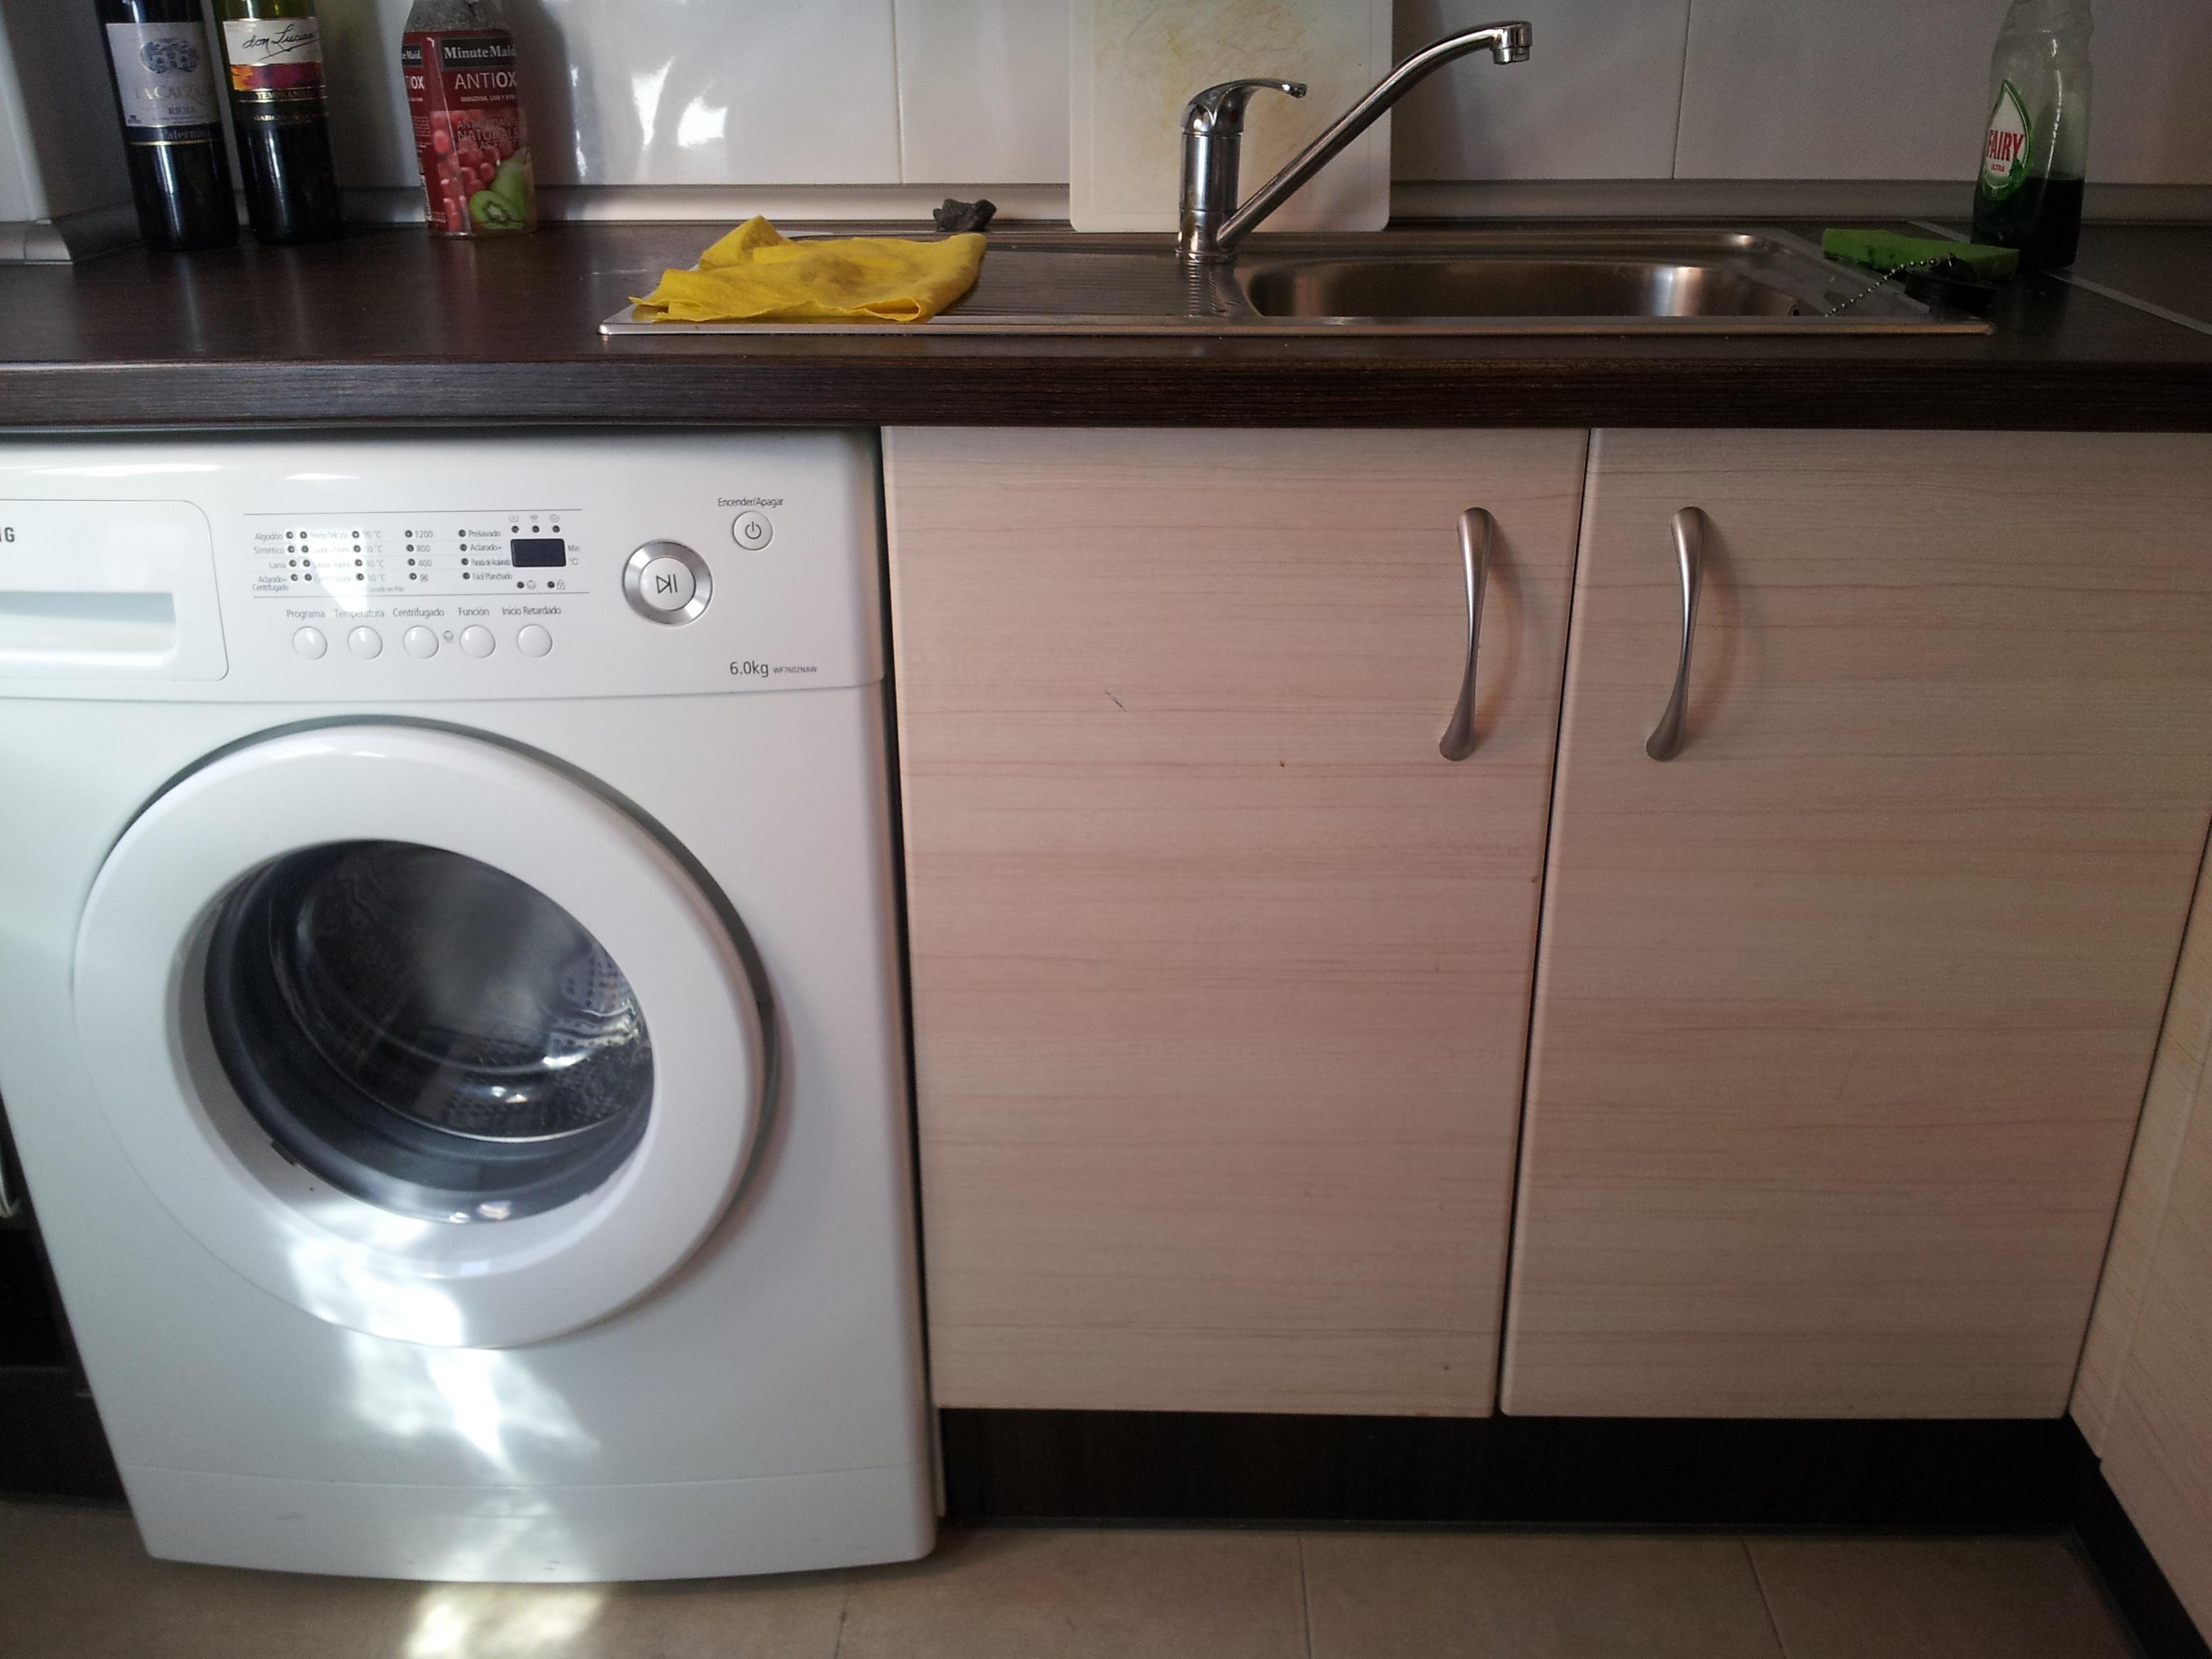 Tay em Dublin Curiosidades da Irlanda e do mundo -> Banheiro Pequeno Com Maquina De Lavar